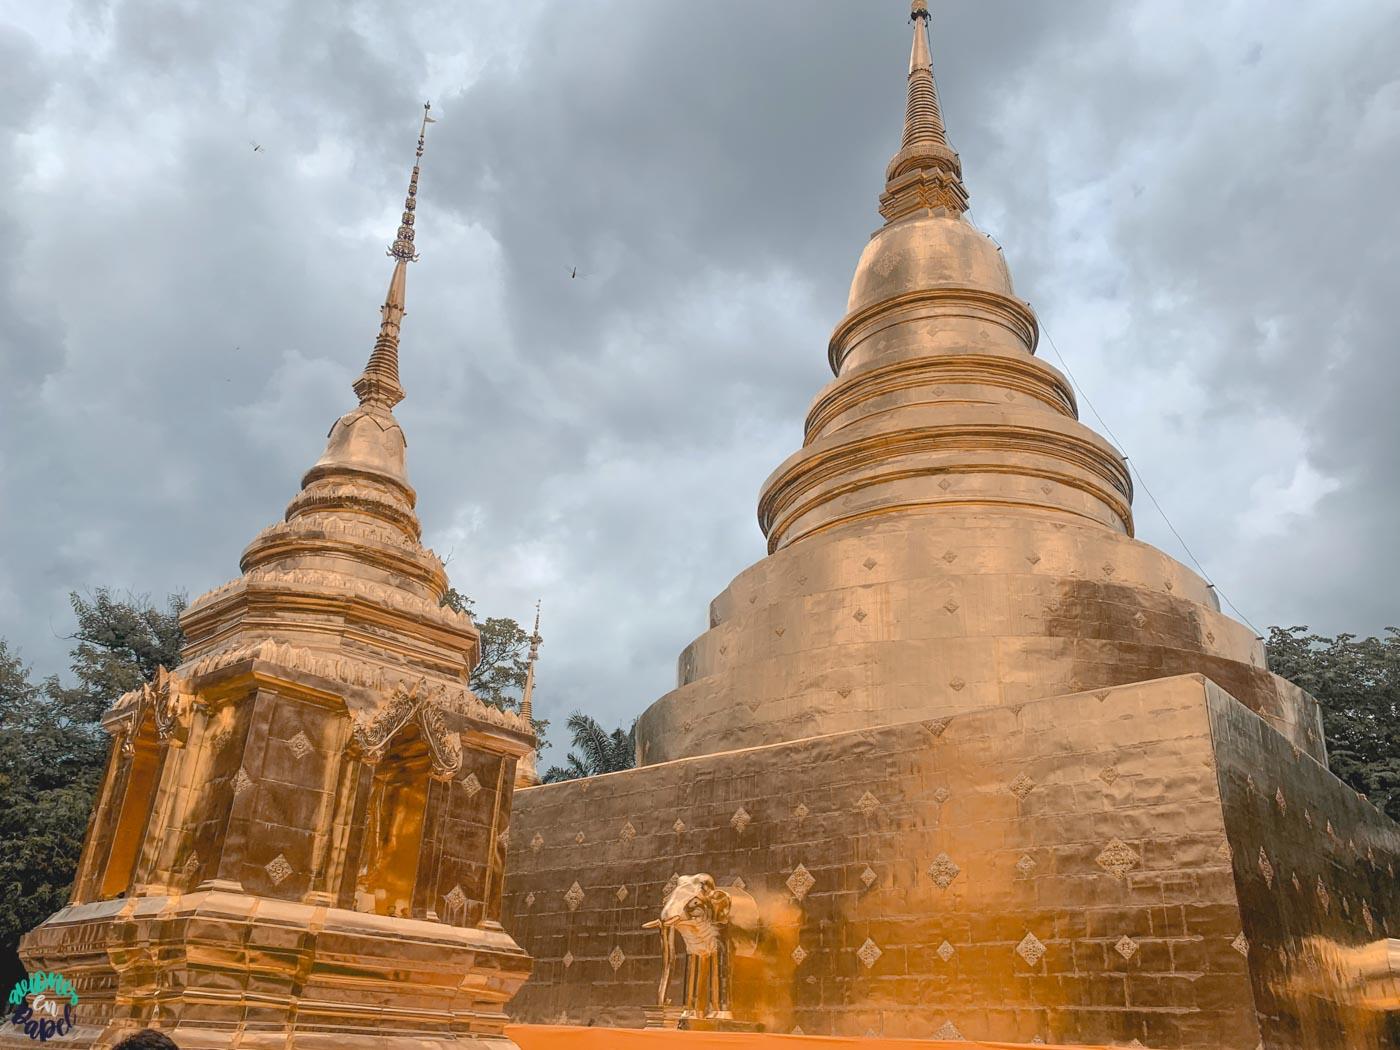 Qué ver y hacer en Chiang Mai en 3 días: Chedi del Wat Phra Singh